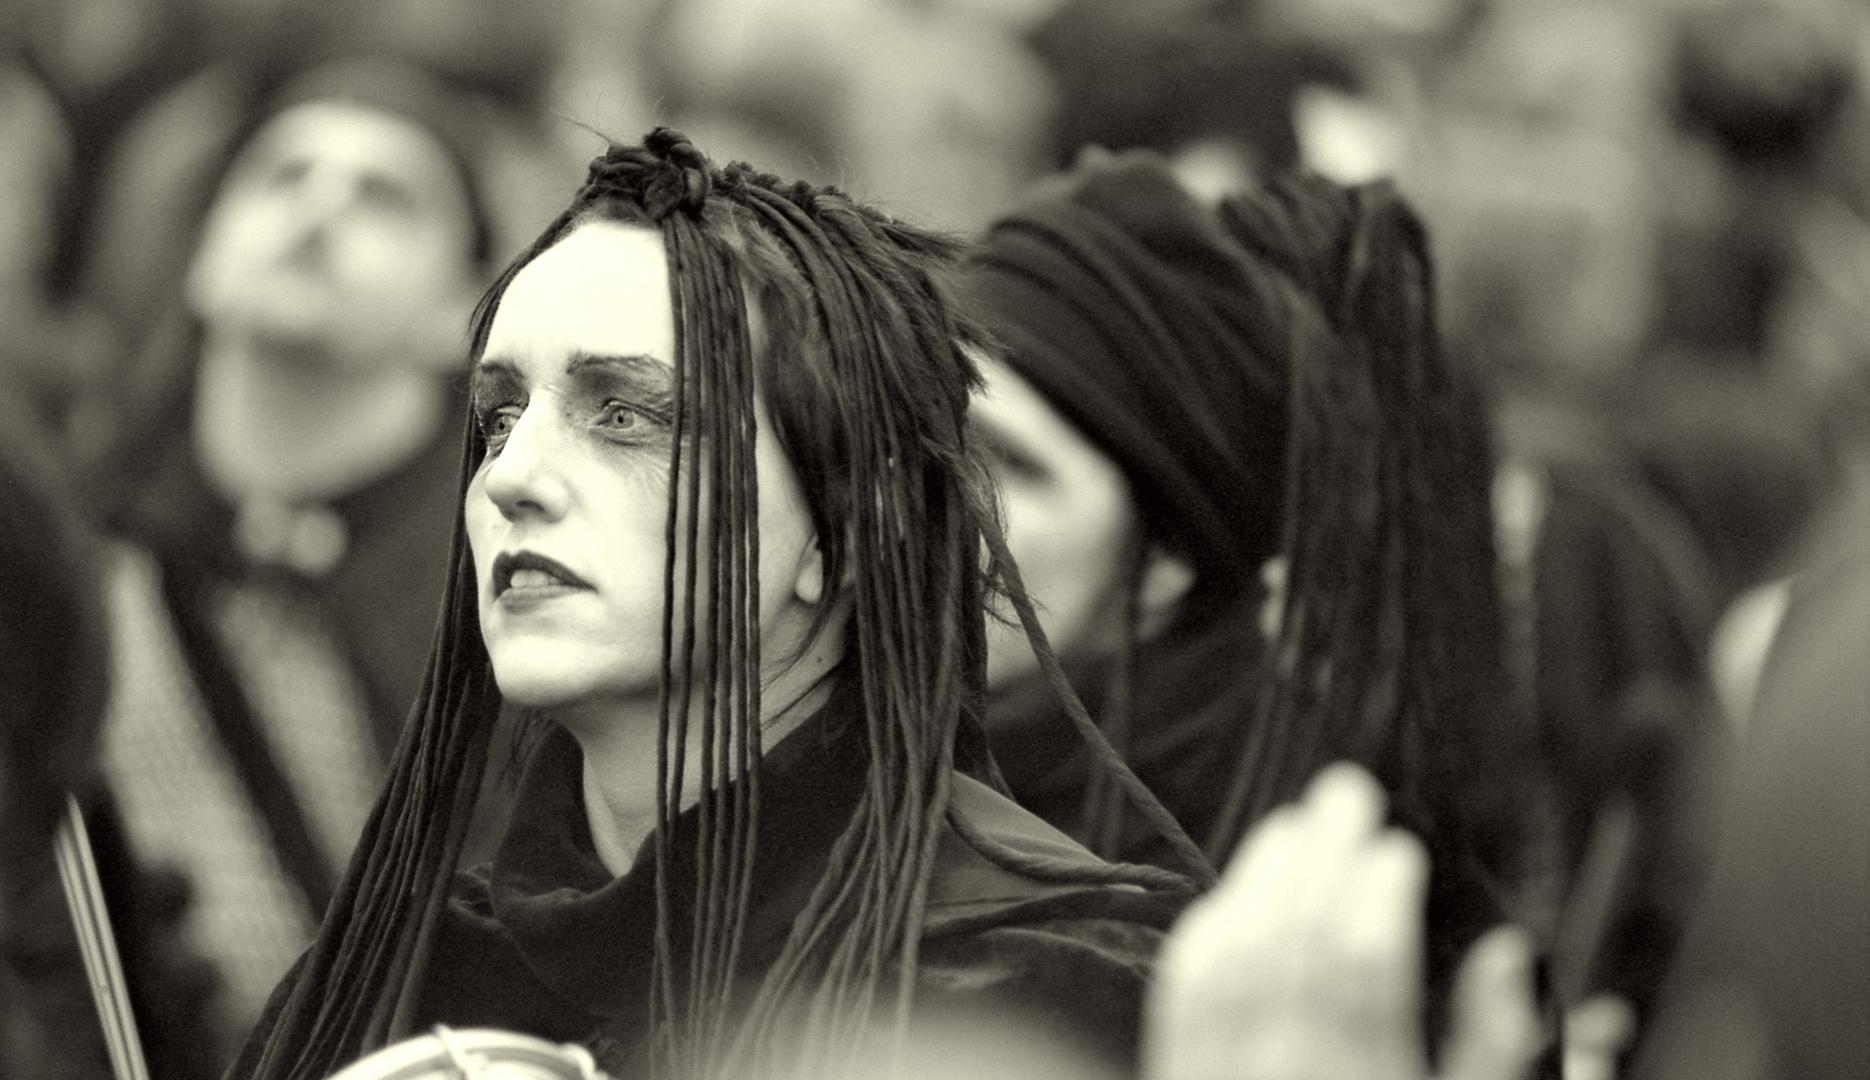 Sambakarneval Bremen, schwarze Schwestern-2